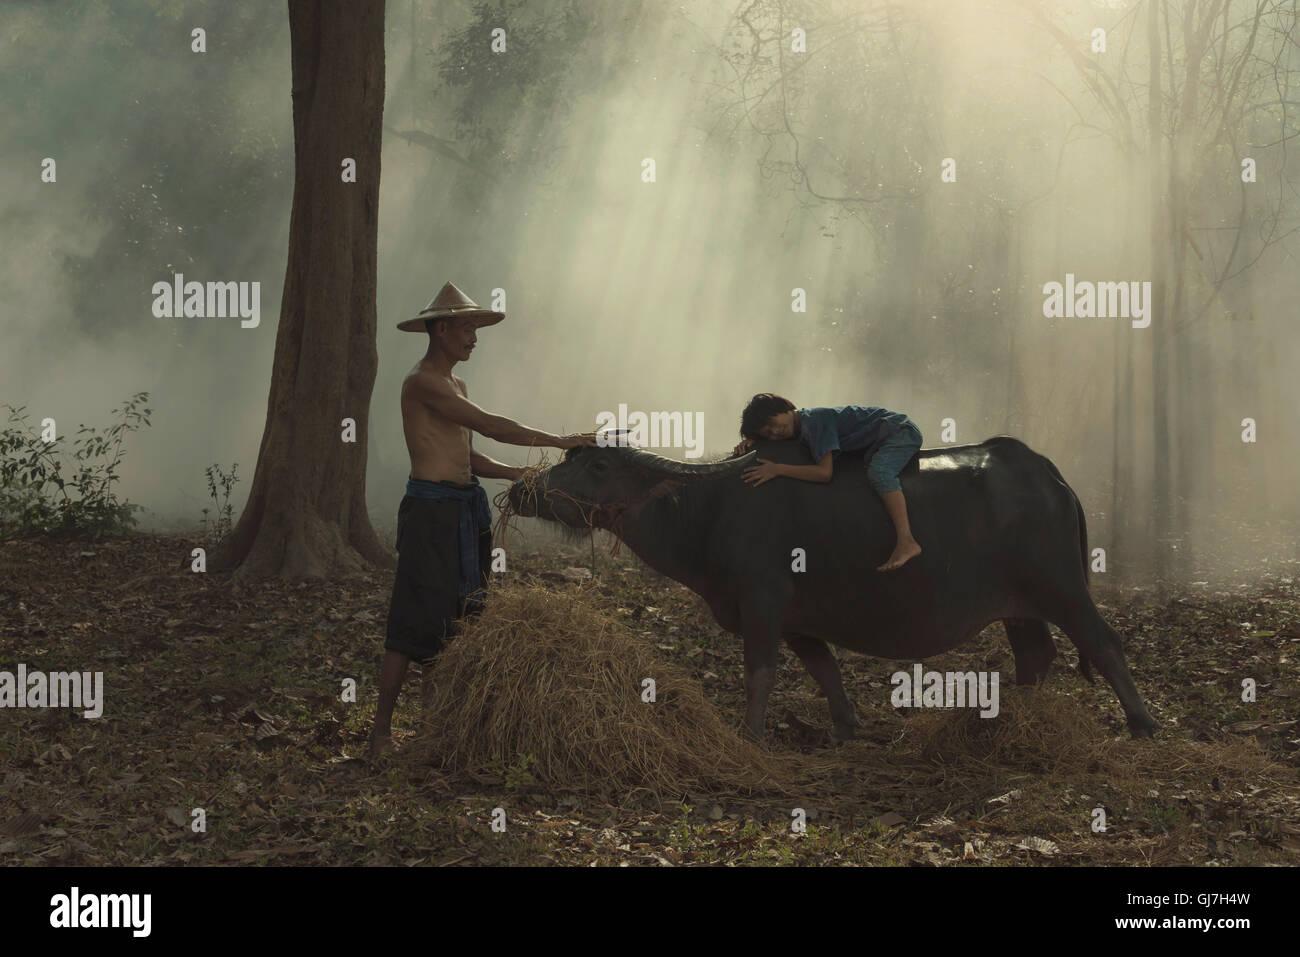 La familia campesina y el niño acostado sobre la espalda de un búfalo. Imagen De Stock